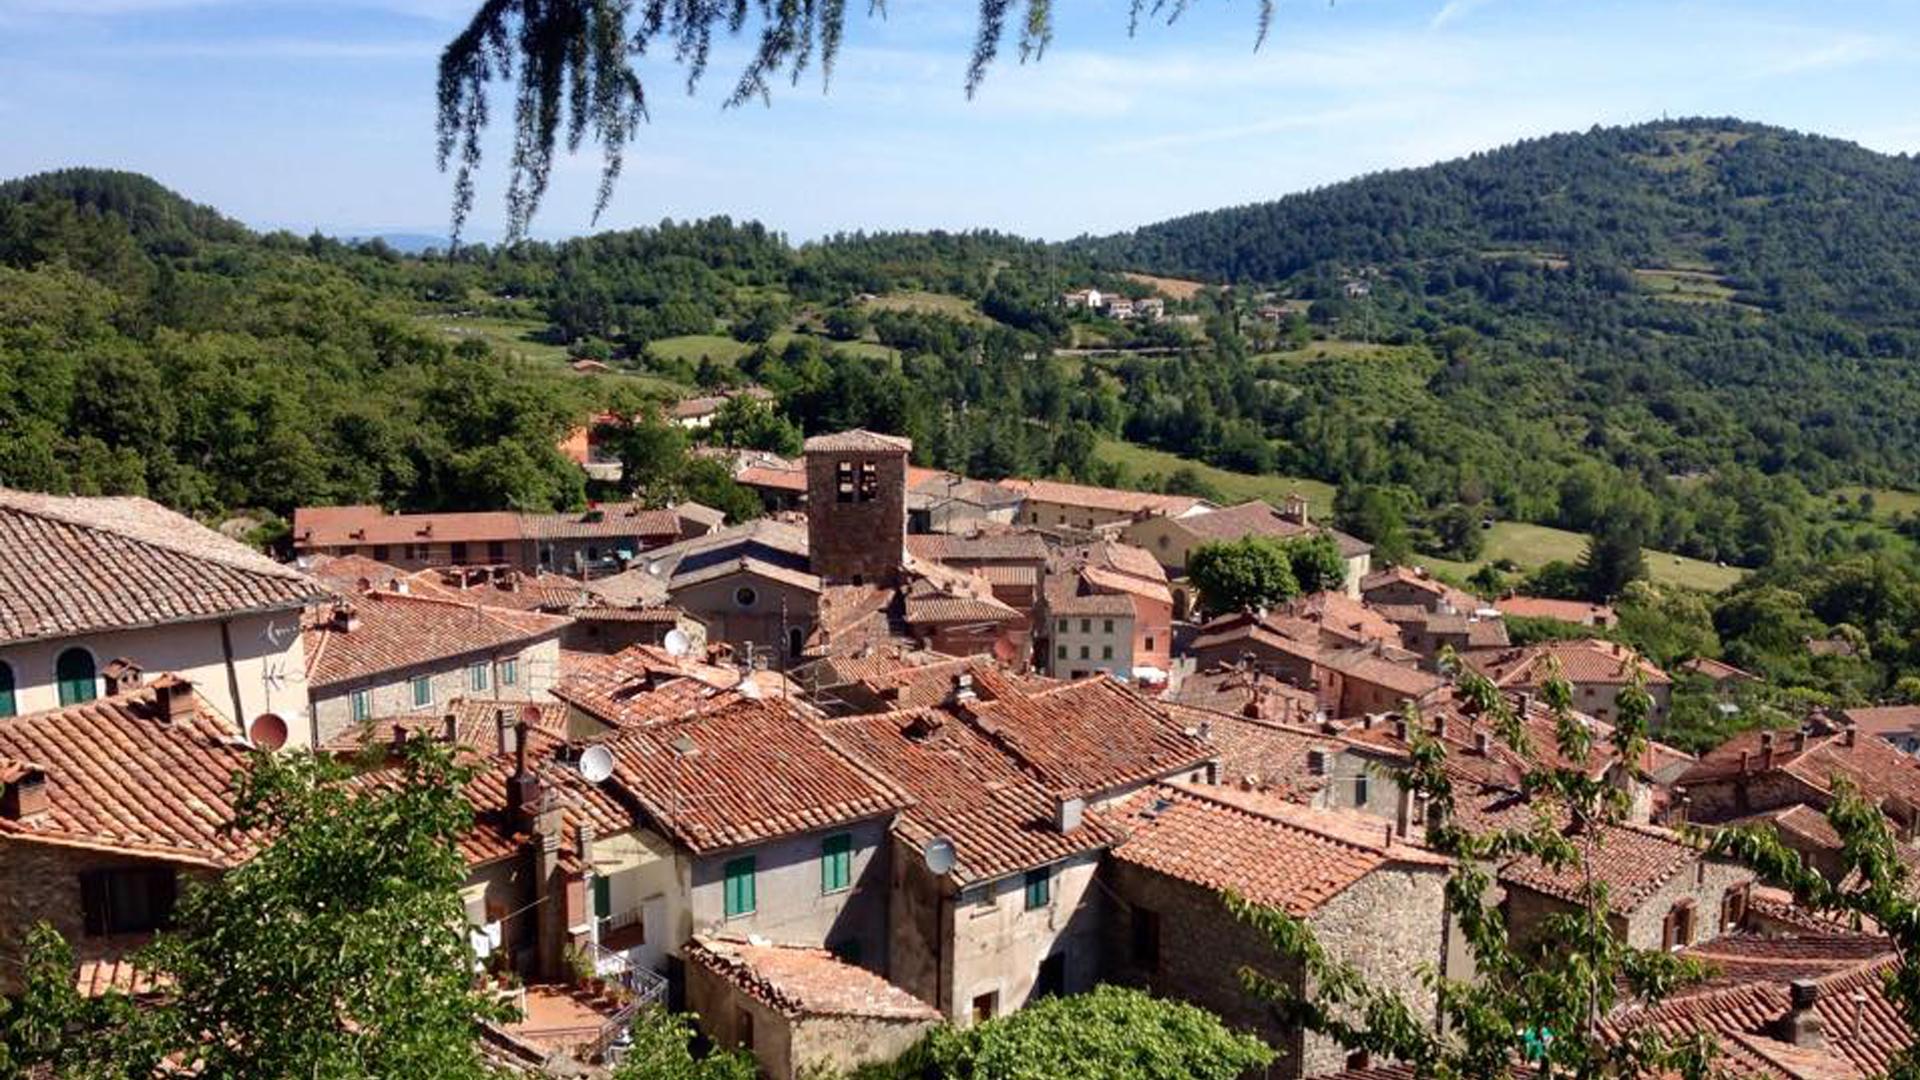 Festa medievale montieri proloco follonica - Agenzie immobiliari bruxelles ...